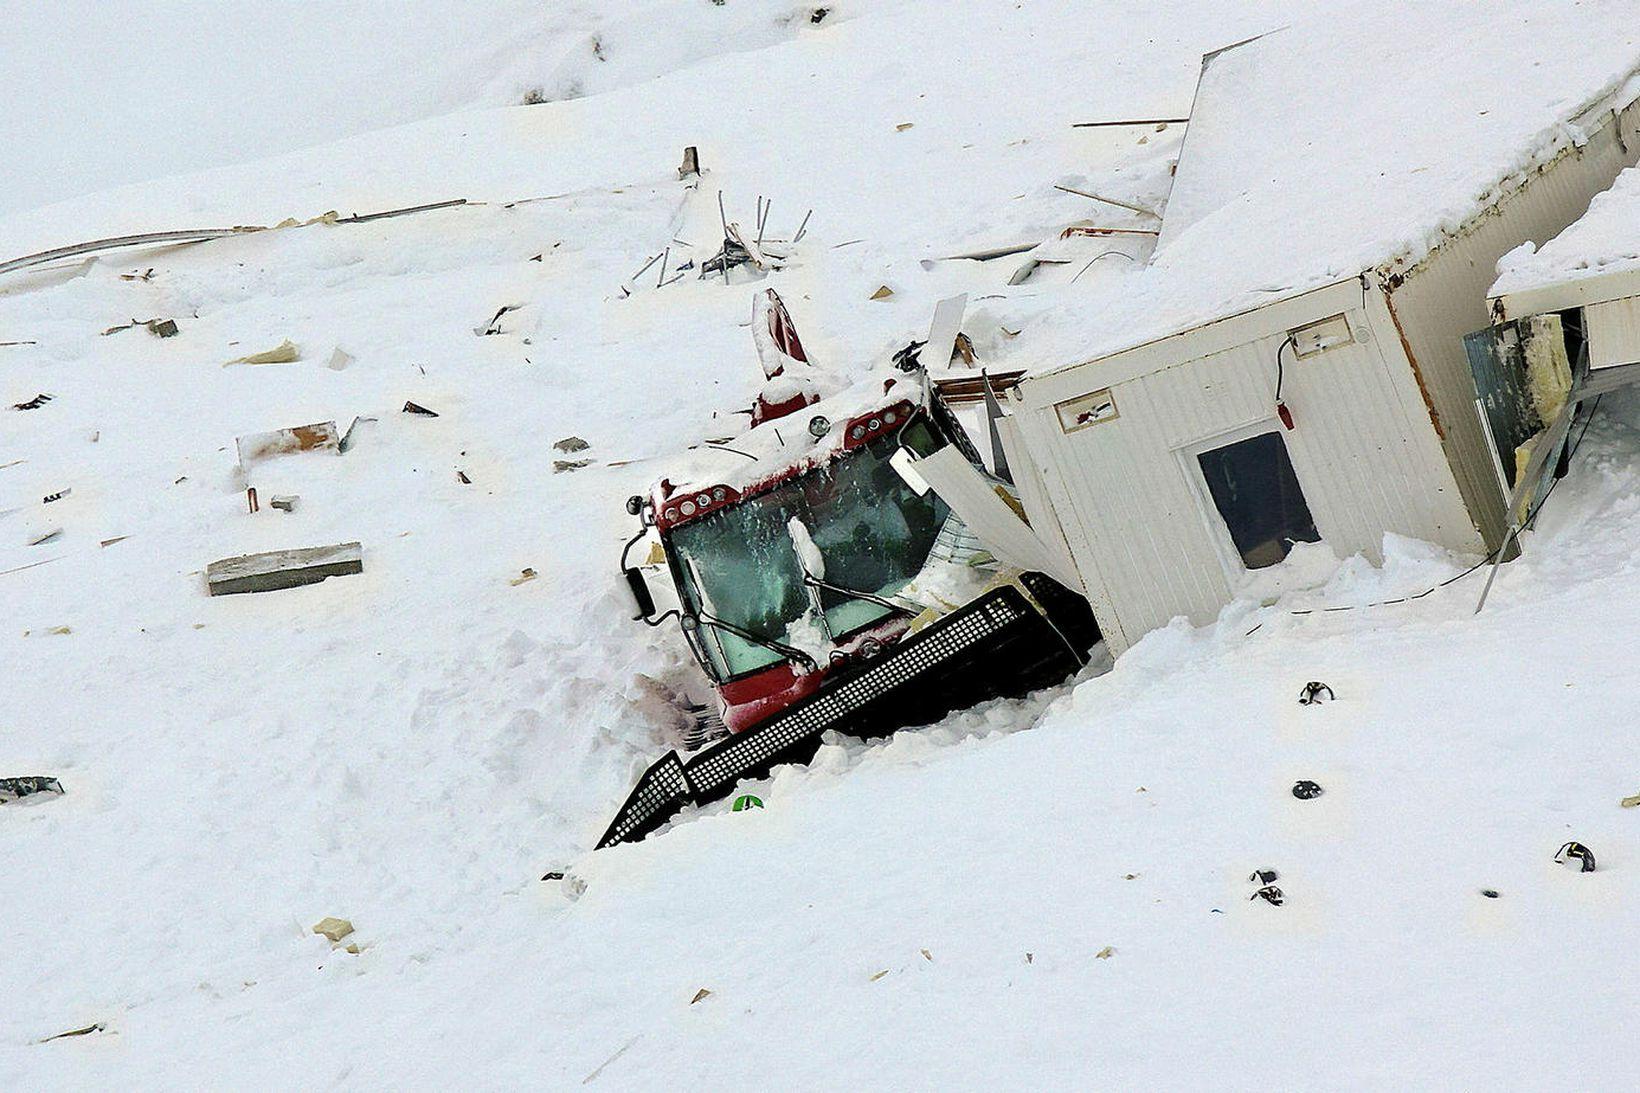 Stærsta snjóflóðið á Tröllaskaga féll á skíðasvæði.